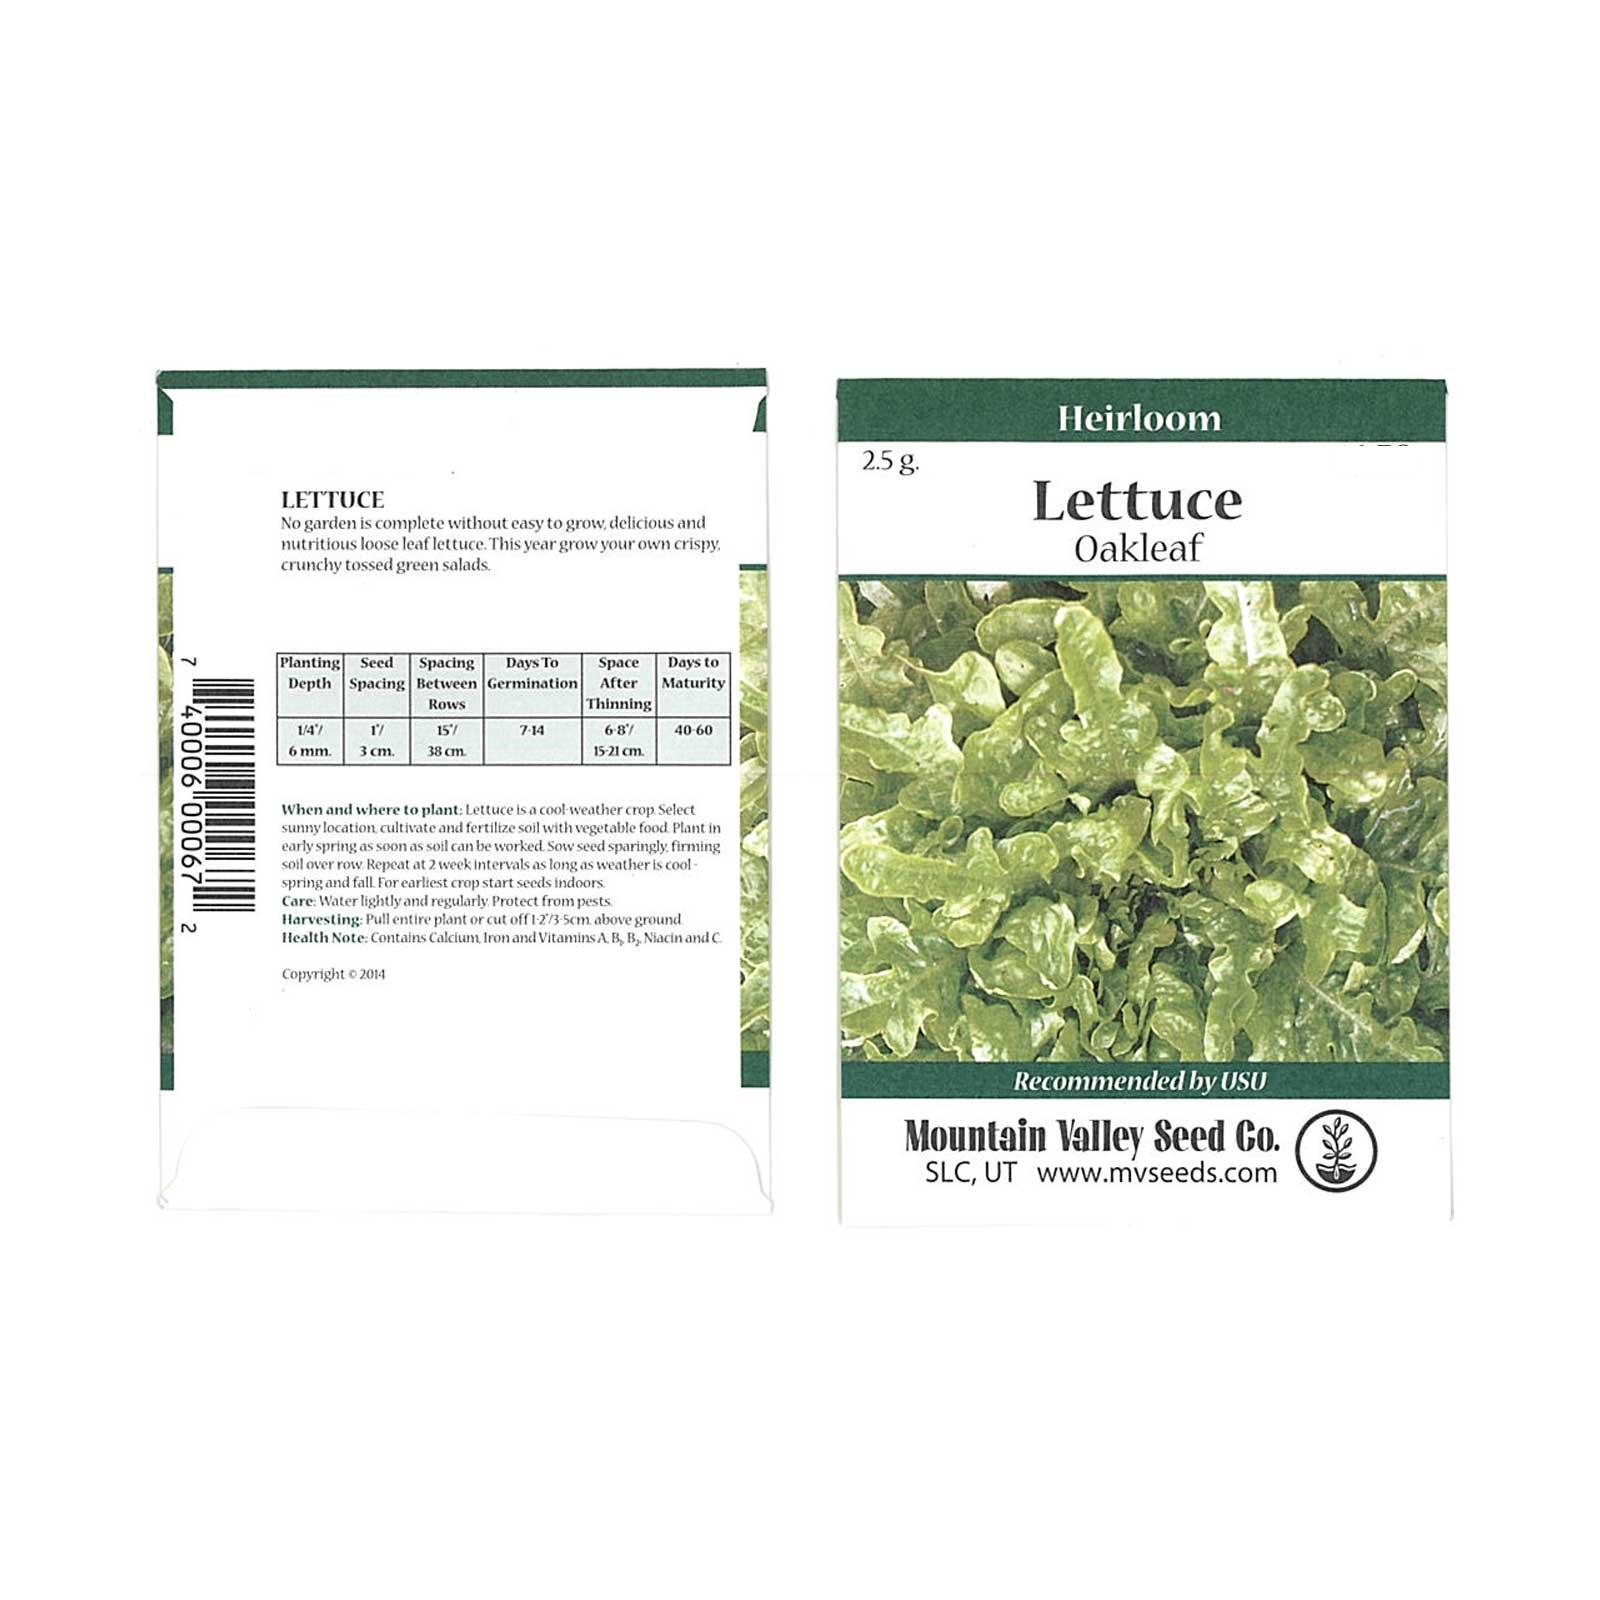 Leaf Lettuce Garden Seeds – Oakleaf – 2 5 g Packet – Non-GMO